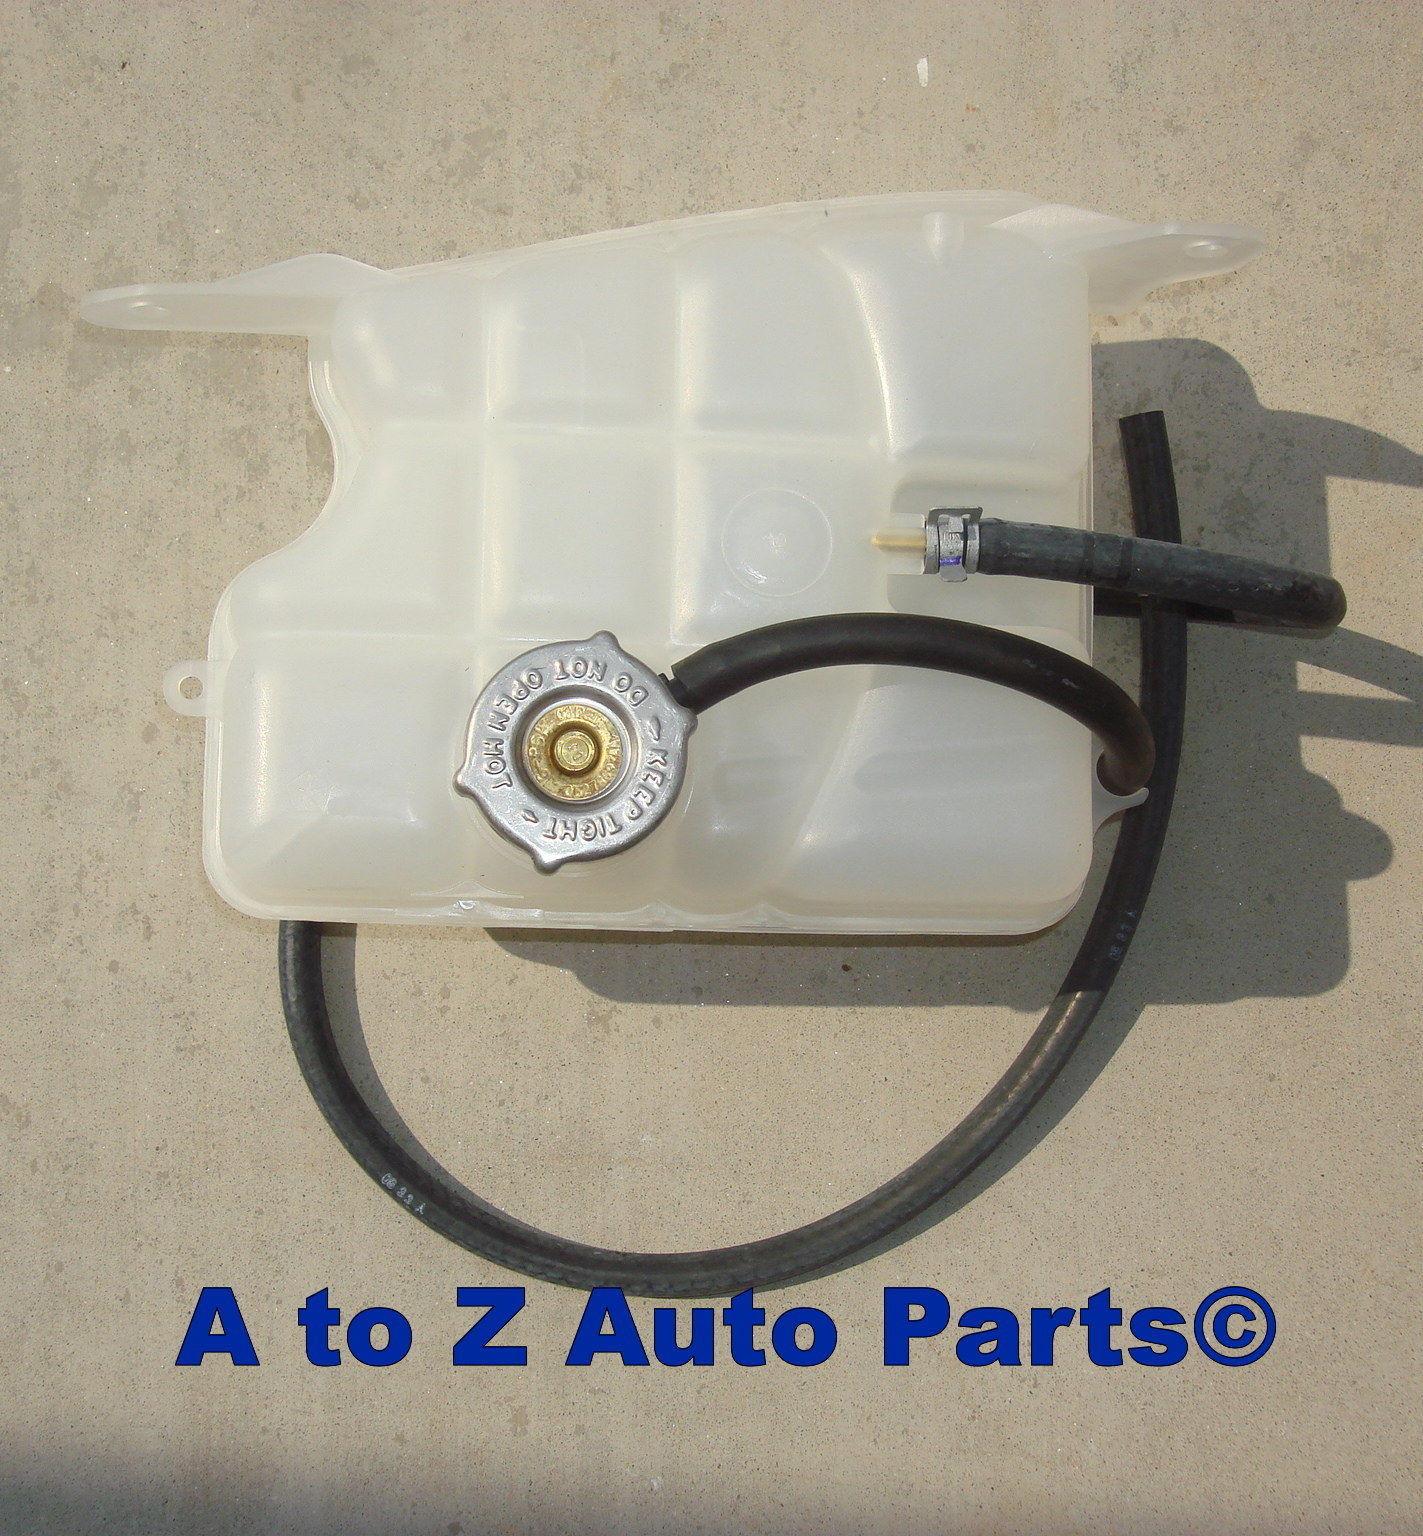 05-10 Dodge//Chrysler 300 Radiator Coolant Recovery Tank Reservoir OEM NEW MOPAR